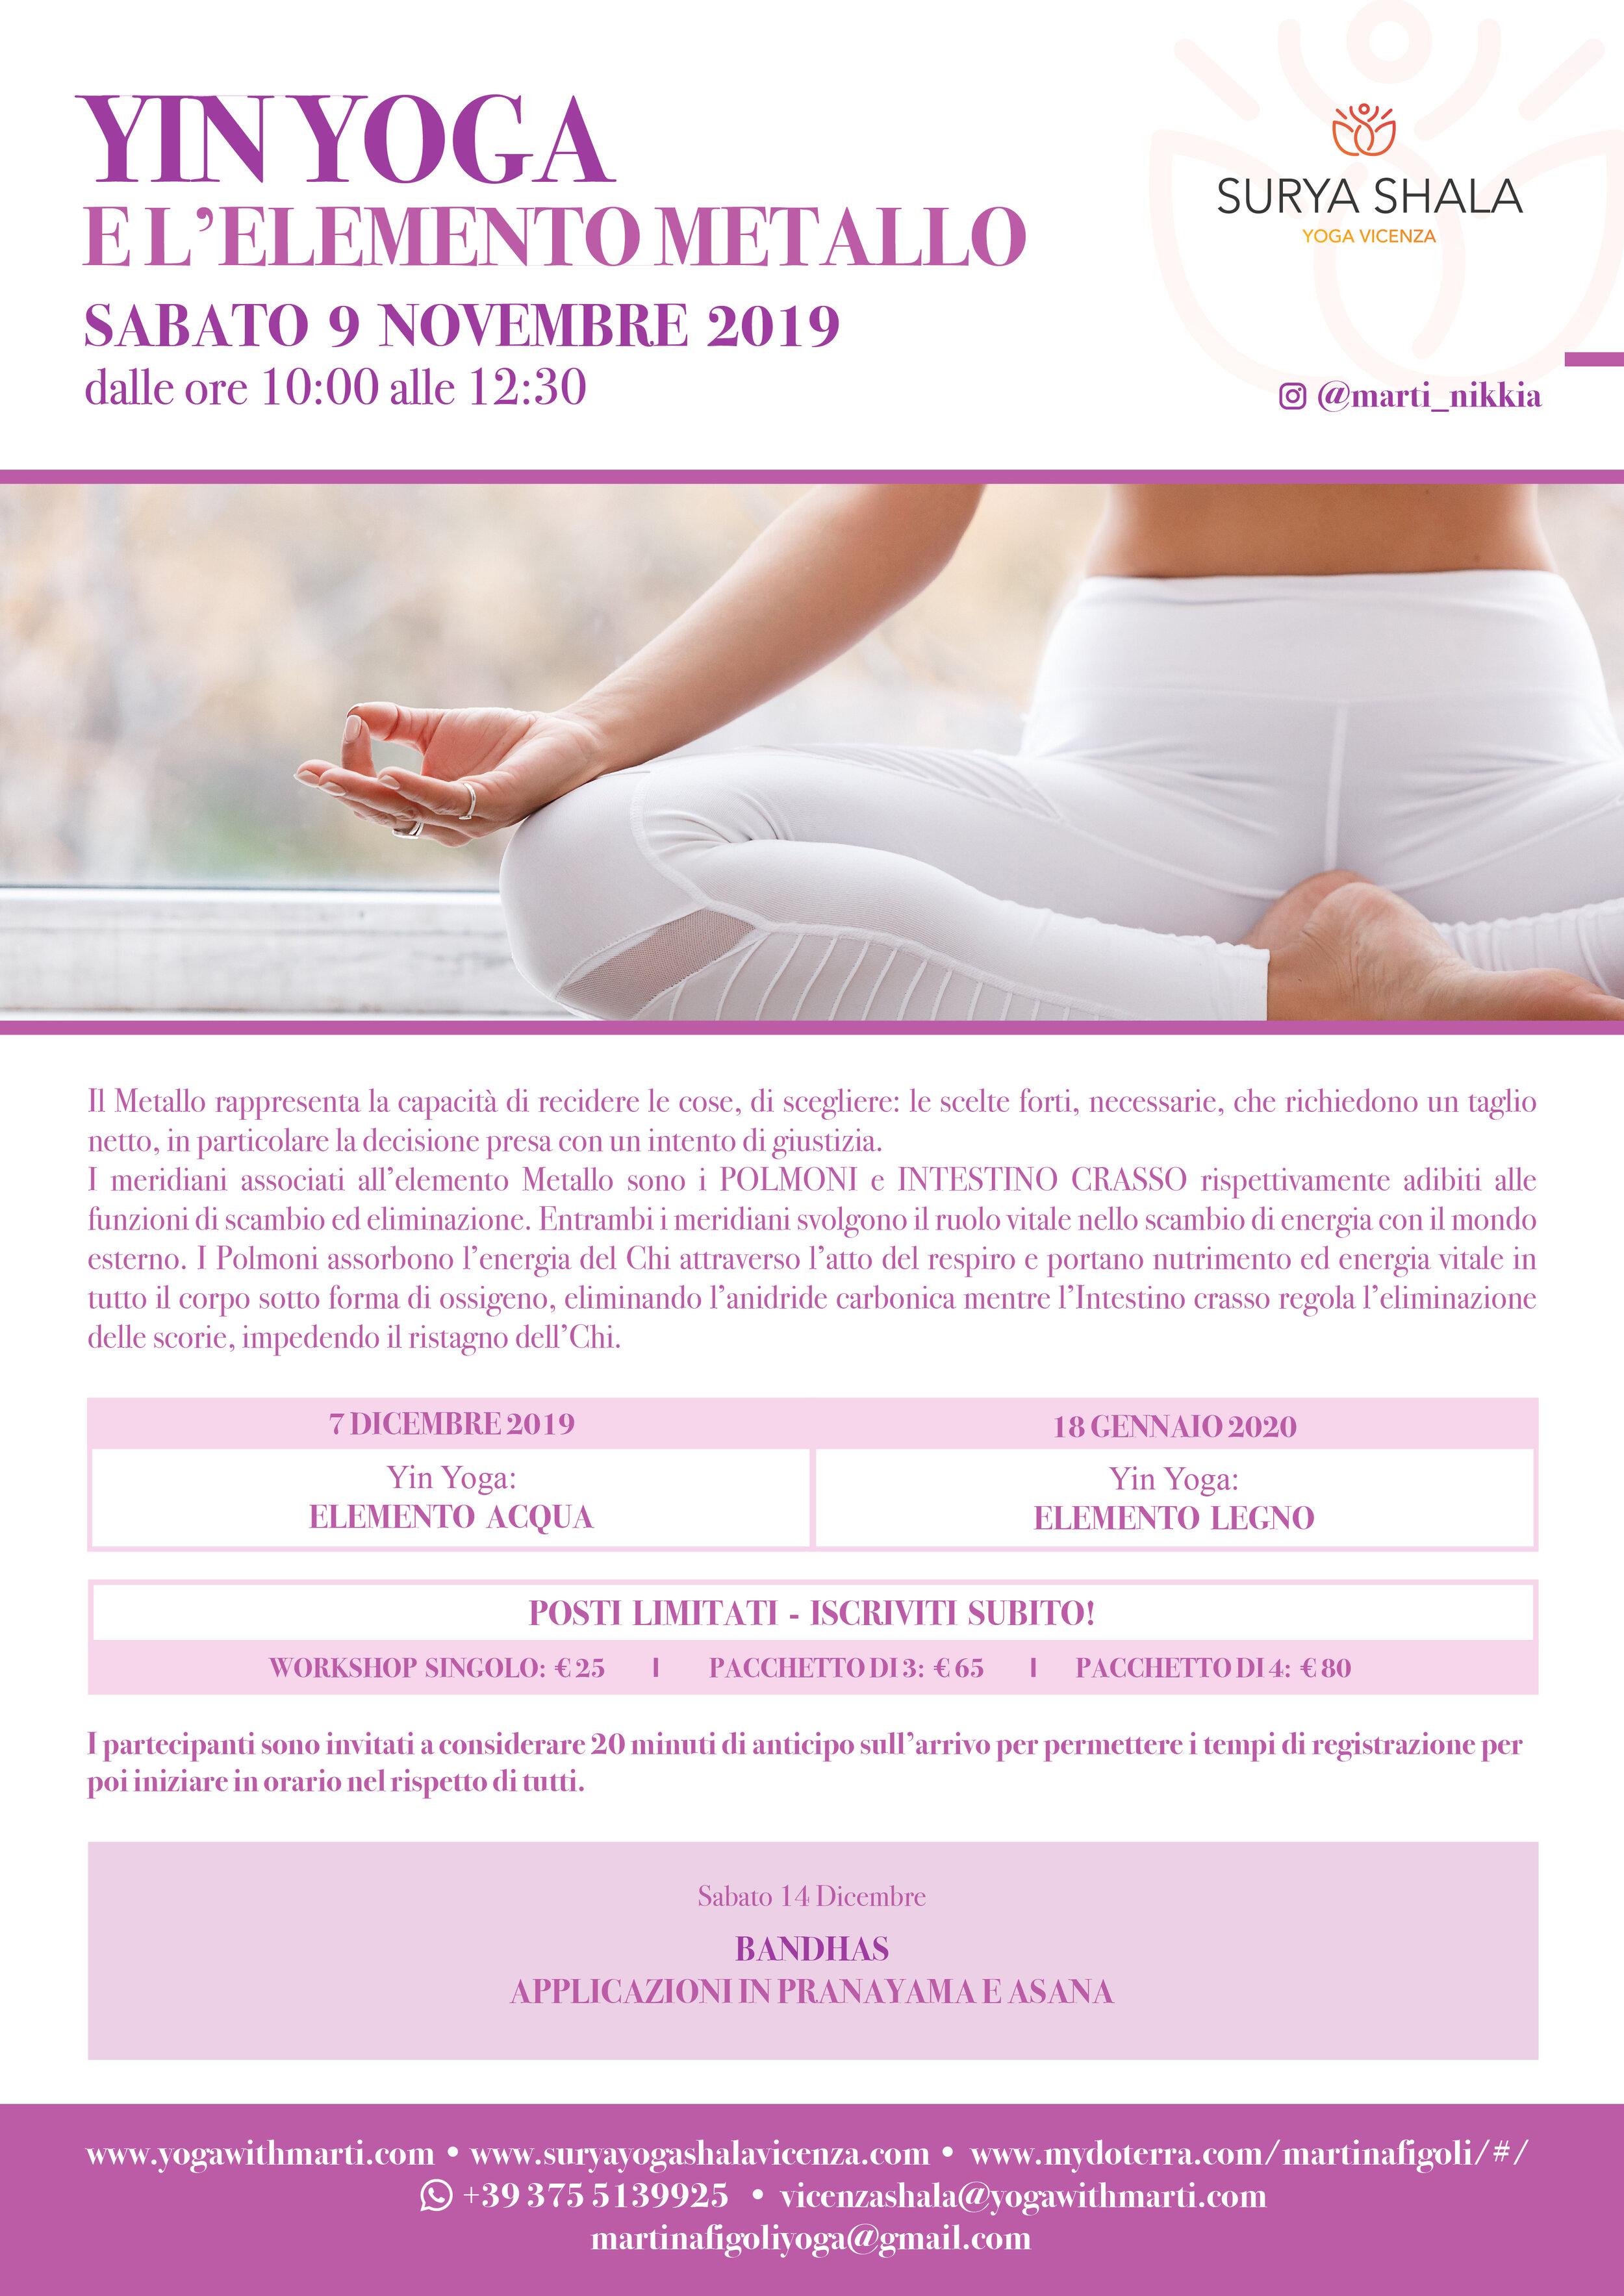 Yoga_Materiale AUTUNNO 2019_Tavola disegno 1 copia 20.jpg